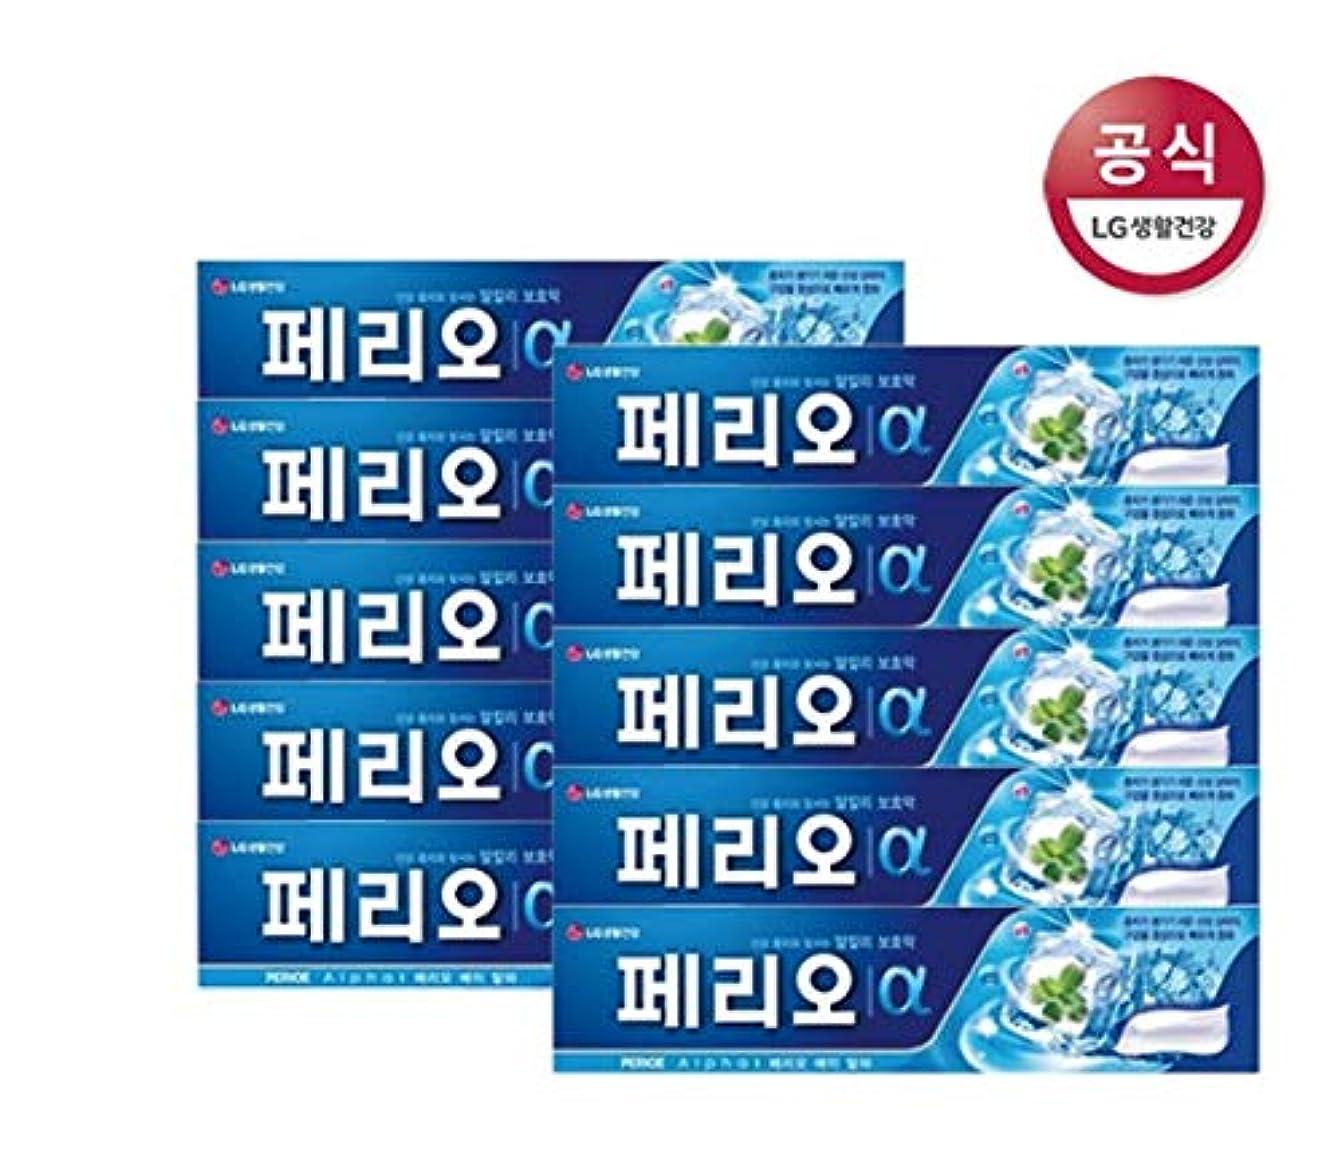 所持降臨教会[LG Care/LG生活健康]ペリオアルファ歯磨き粉170g x10個/歯磨きセットスペシャル?リミテッドToothpaste Set Special Limited Korea(海外直送品)